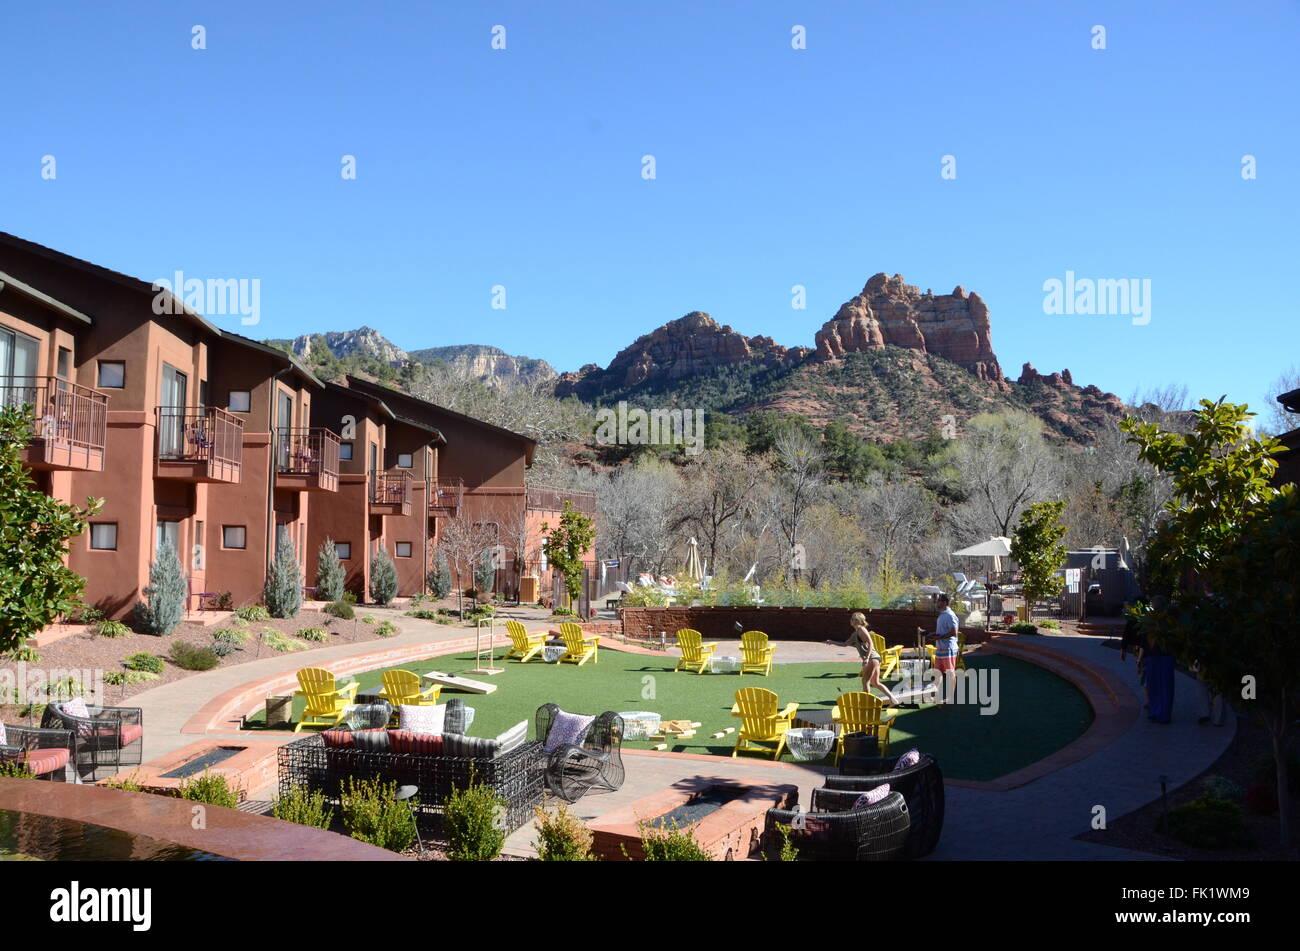 Amara Resort And Spa Kimpton Hotel Sedona Arizona Stock Photo